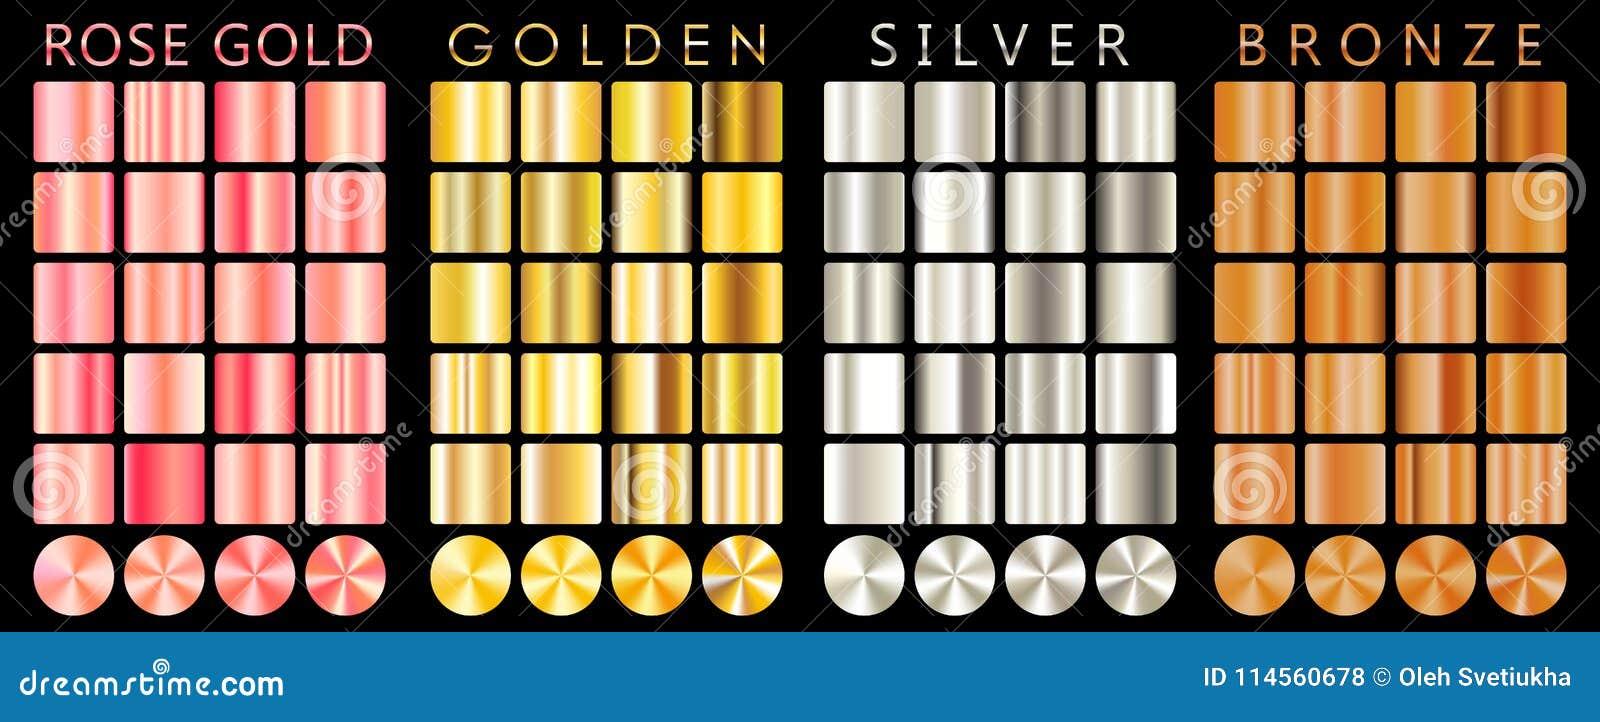 Розовое золото, золотой, серебряный, бронзовый градиент, картина, шаблон Комплект цветов для дизайна, собрания высококачественных